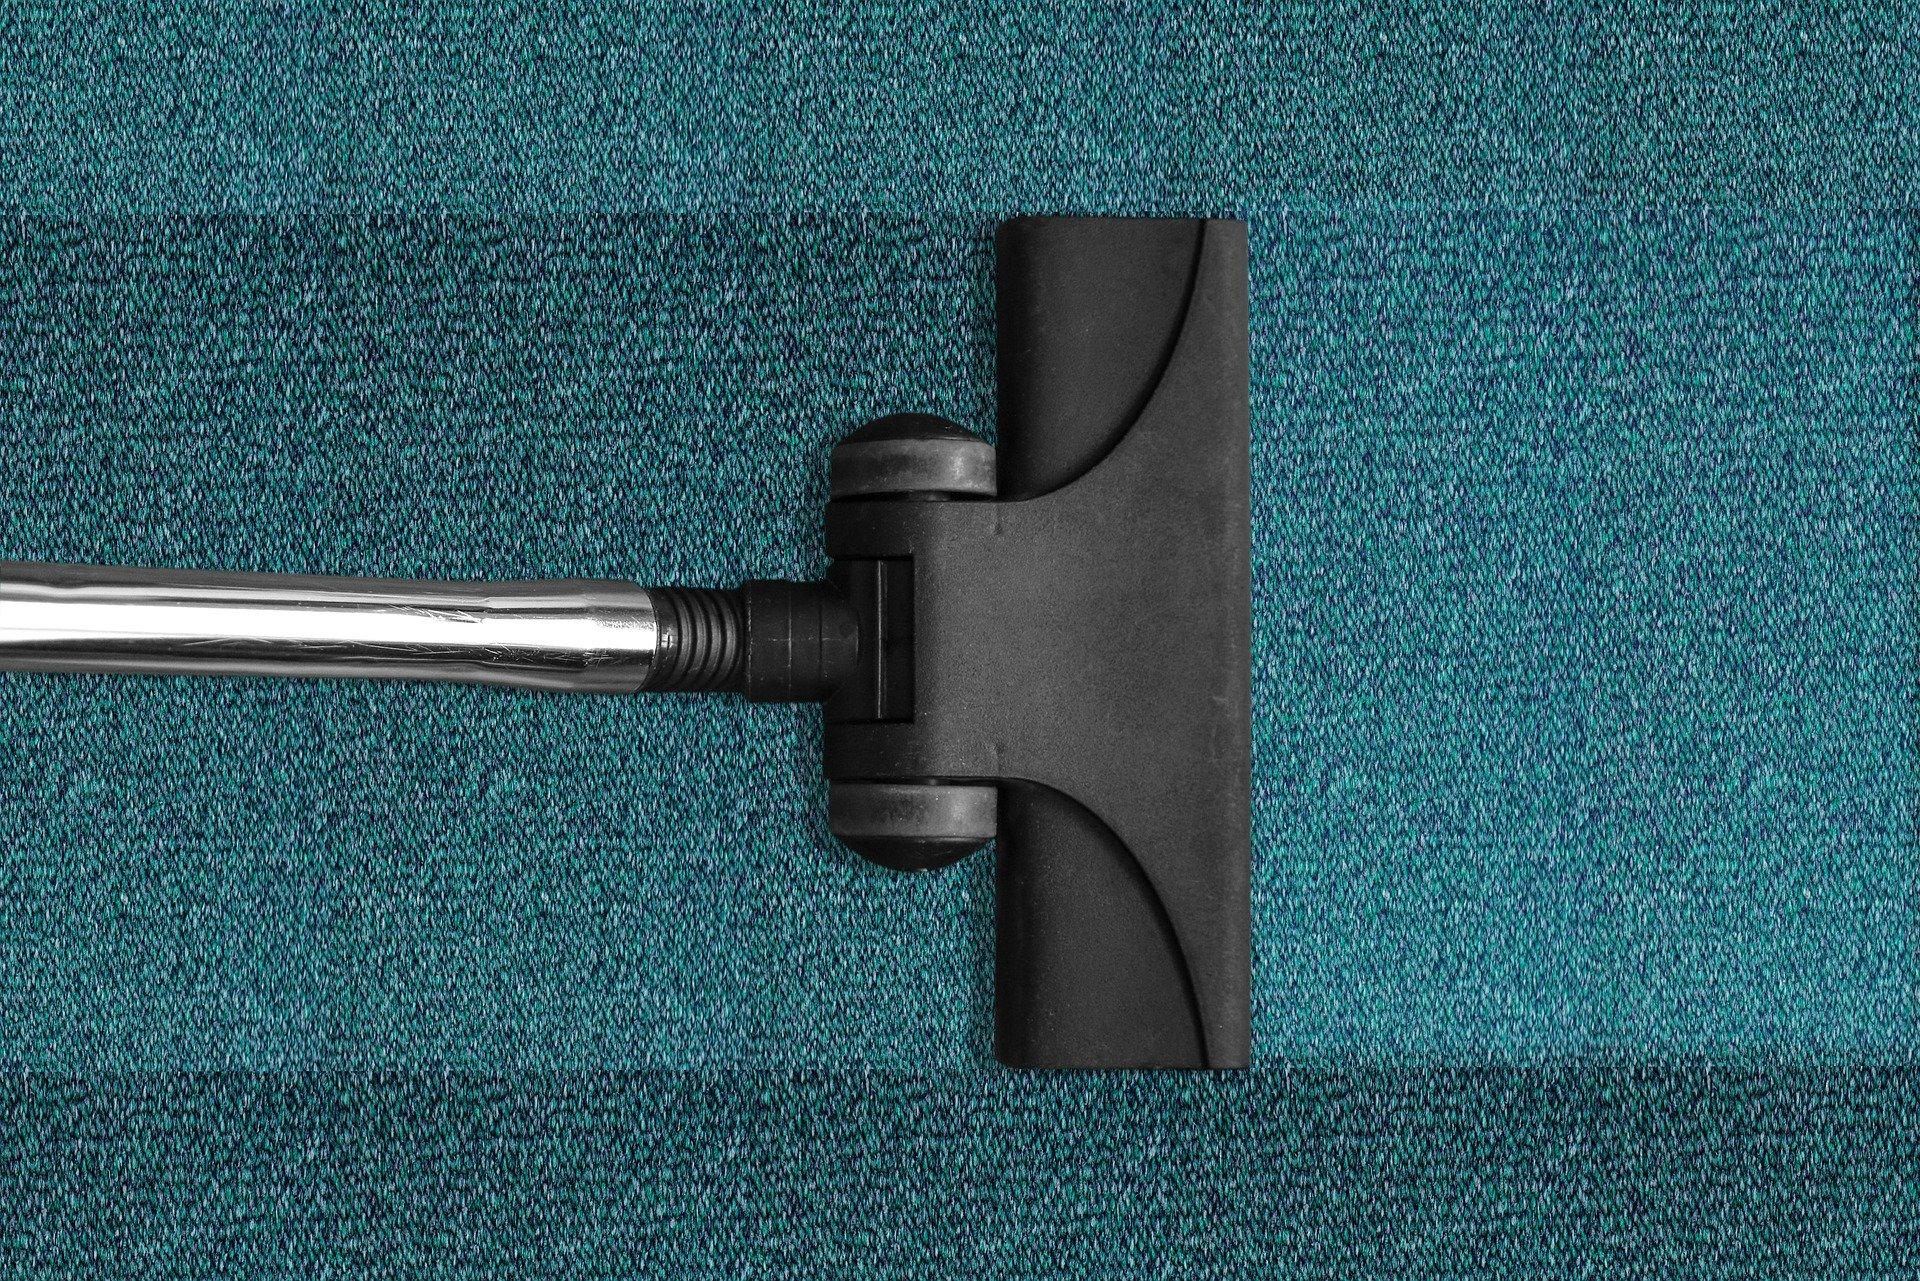 Tareas de limpieza digital para aprovechar el tiempo y combatir el aburrimiento